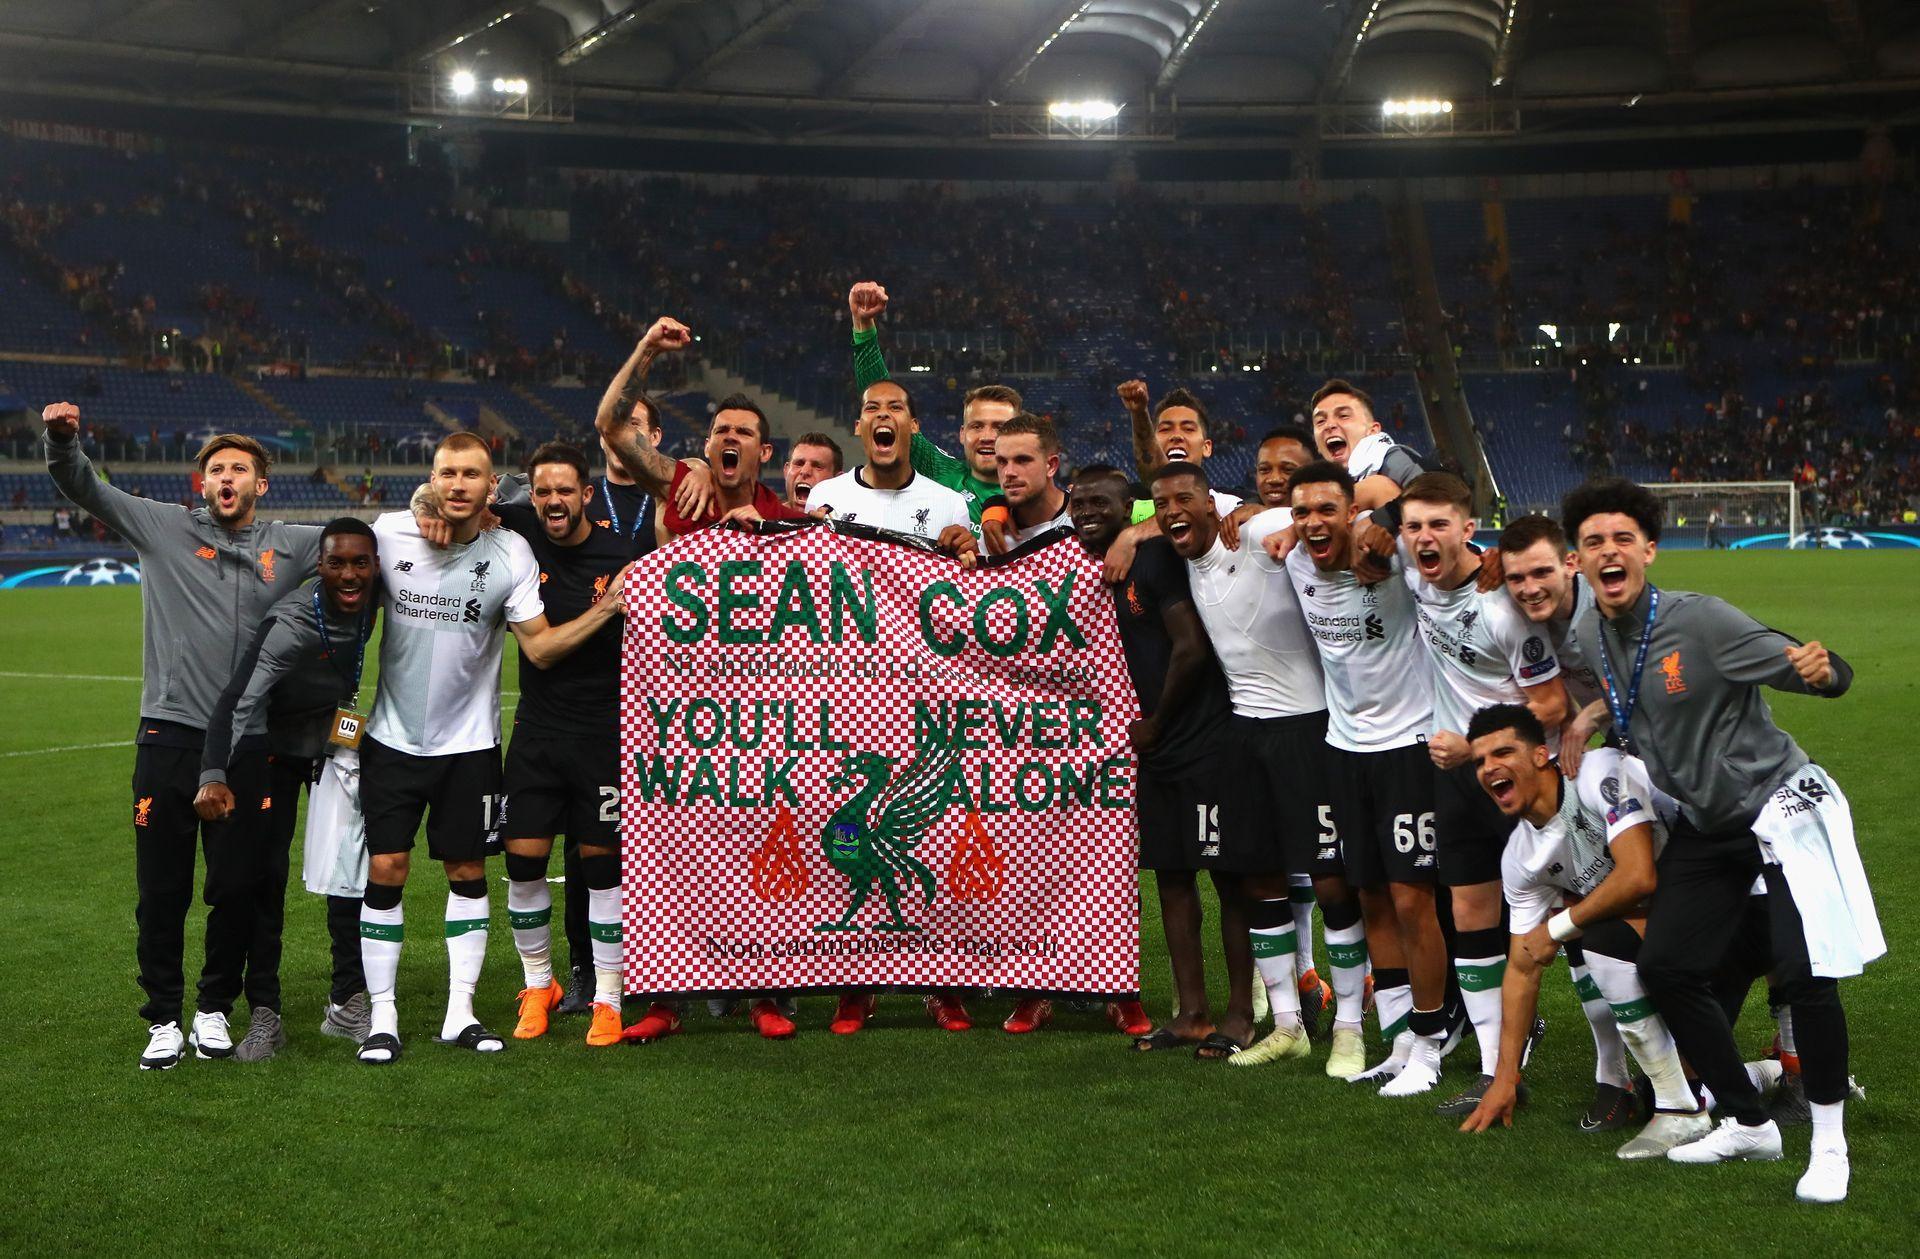 """Играчите показаха плакат в подкрепа на фена Шон Кокс, който е в кома след атака на ултраси на """"Рома"""" преди първия полуфинал. Снимка: Getty Images"""